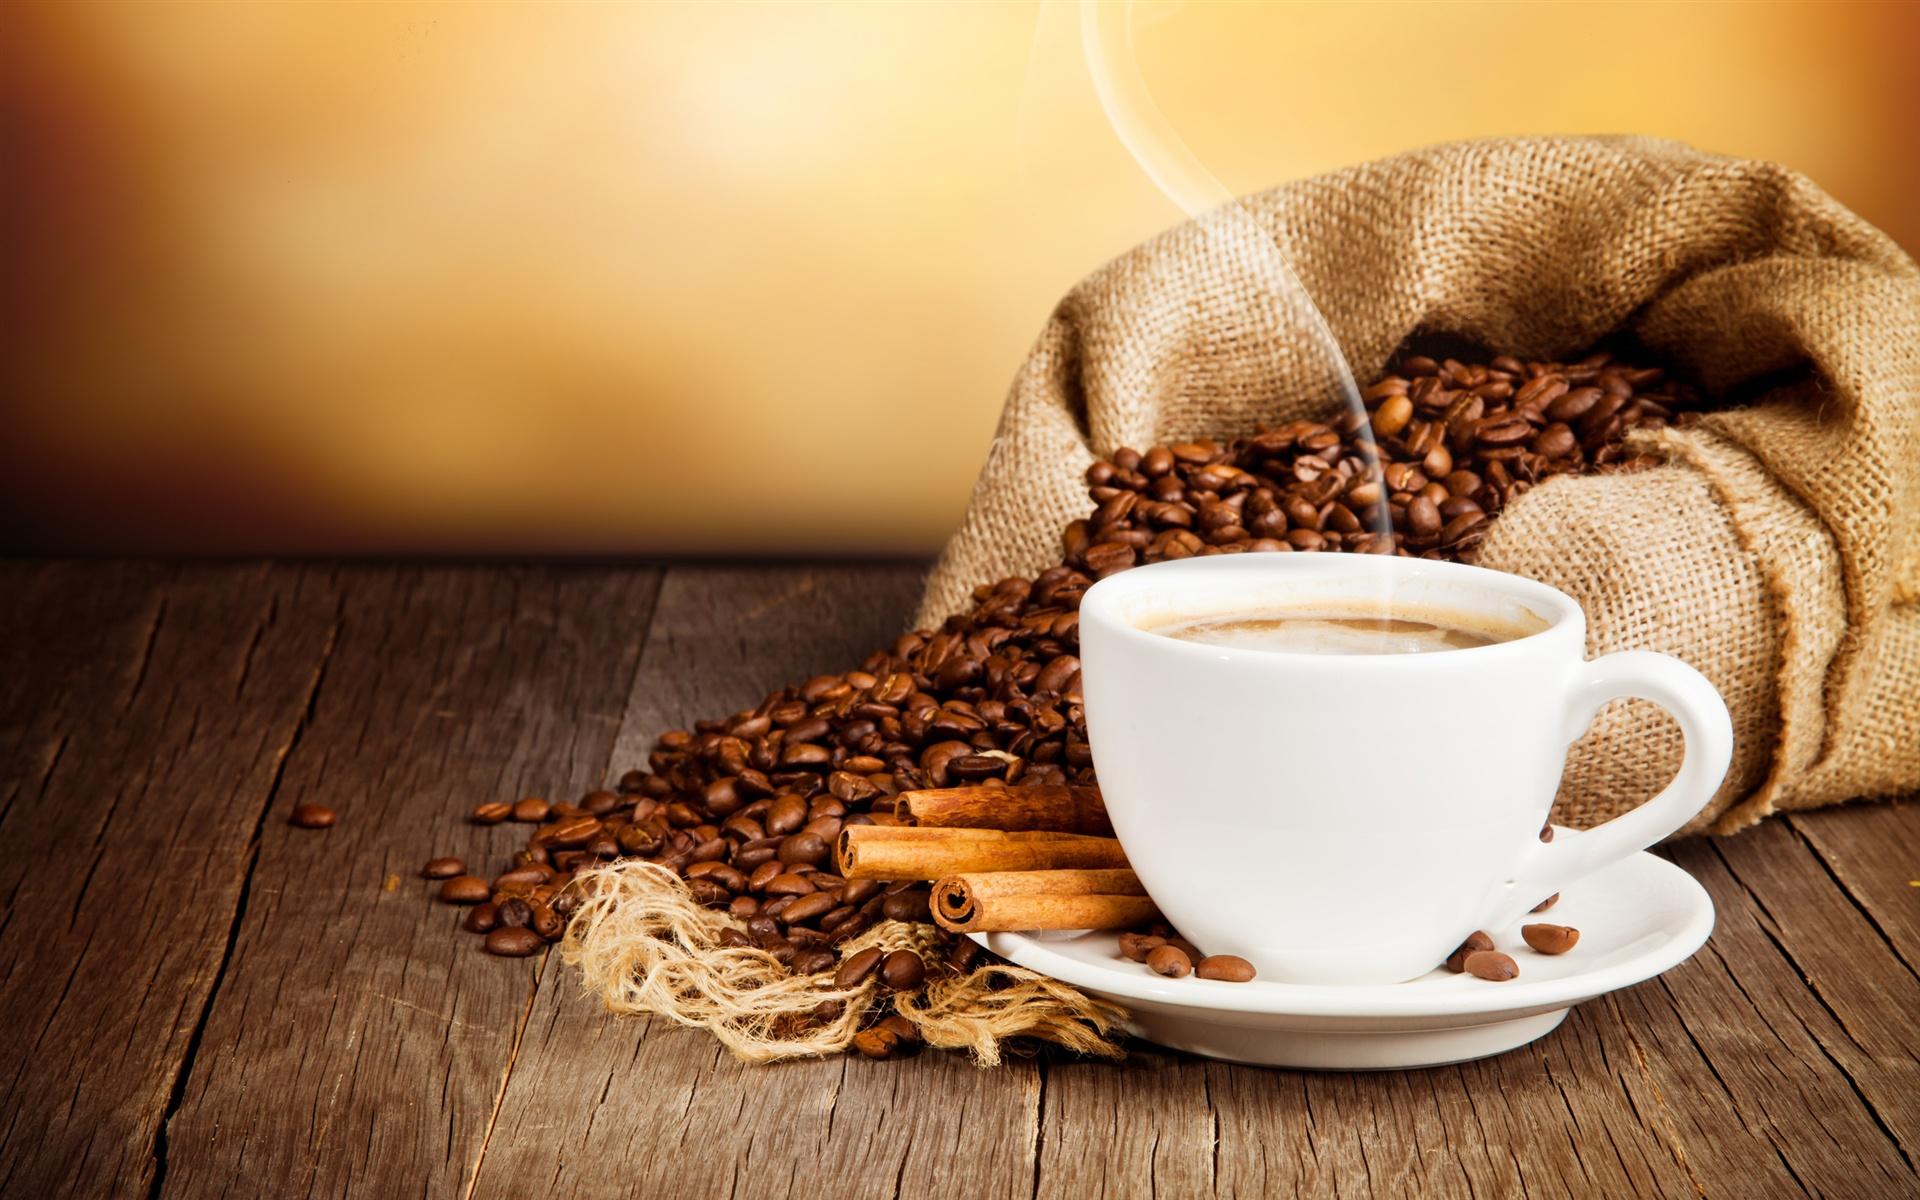 コーヒーを飲むだけでダイエットが出来る!コーヒーダイエットとは?のサムネイル画像